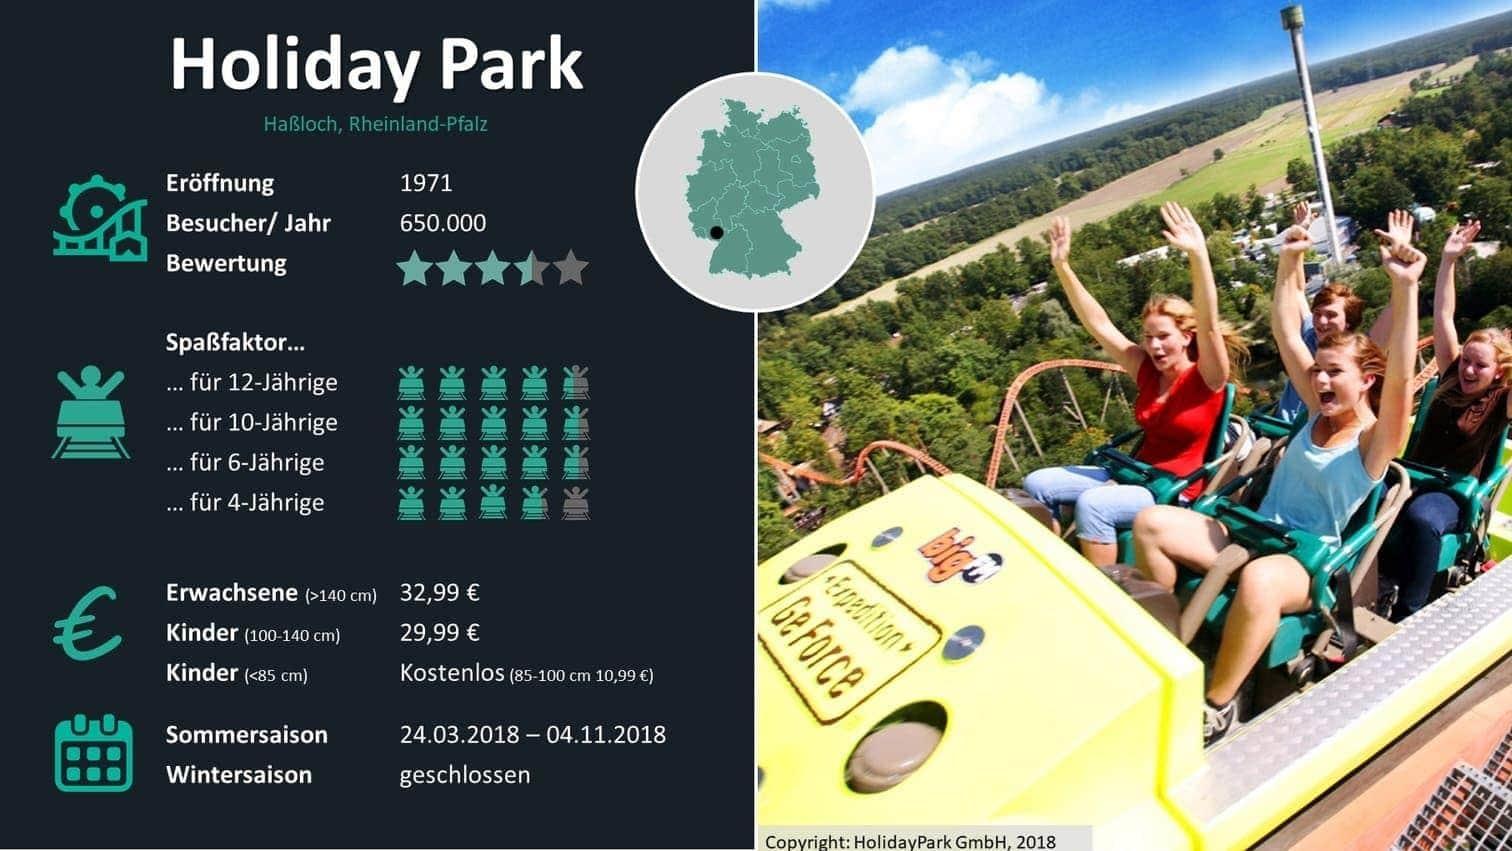 <p>Sommerzeit ist Freizeitparkzeit. Die meisten Parks öffnen deswegen von Ende März bis Anfang November ihre Tore. Von den 10 beliebtesten Freizeitparks in Deutschland haben nur der Europa Park und das Phantasialand auch im Winter offen. Während der Wintersaison verwandeln sich die Parks in wunderschöne Winterlandschaften mit winterlicher Deko